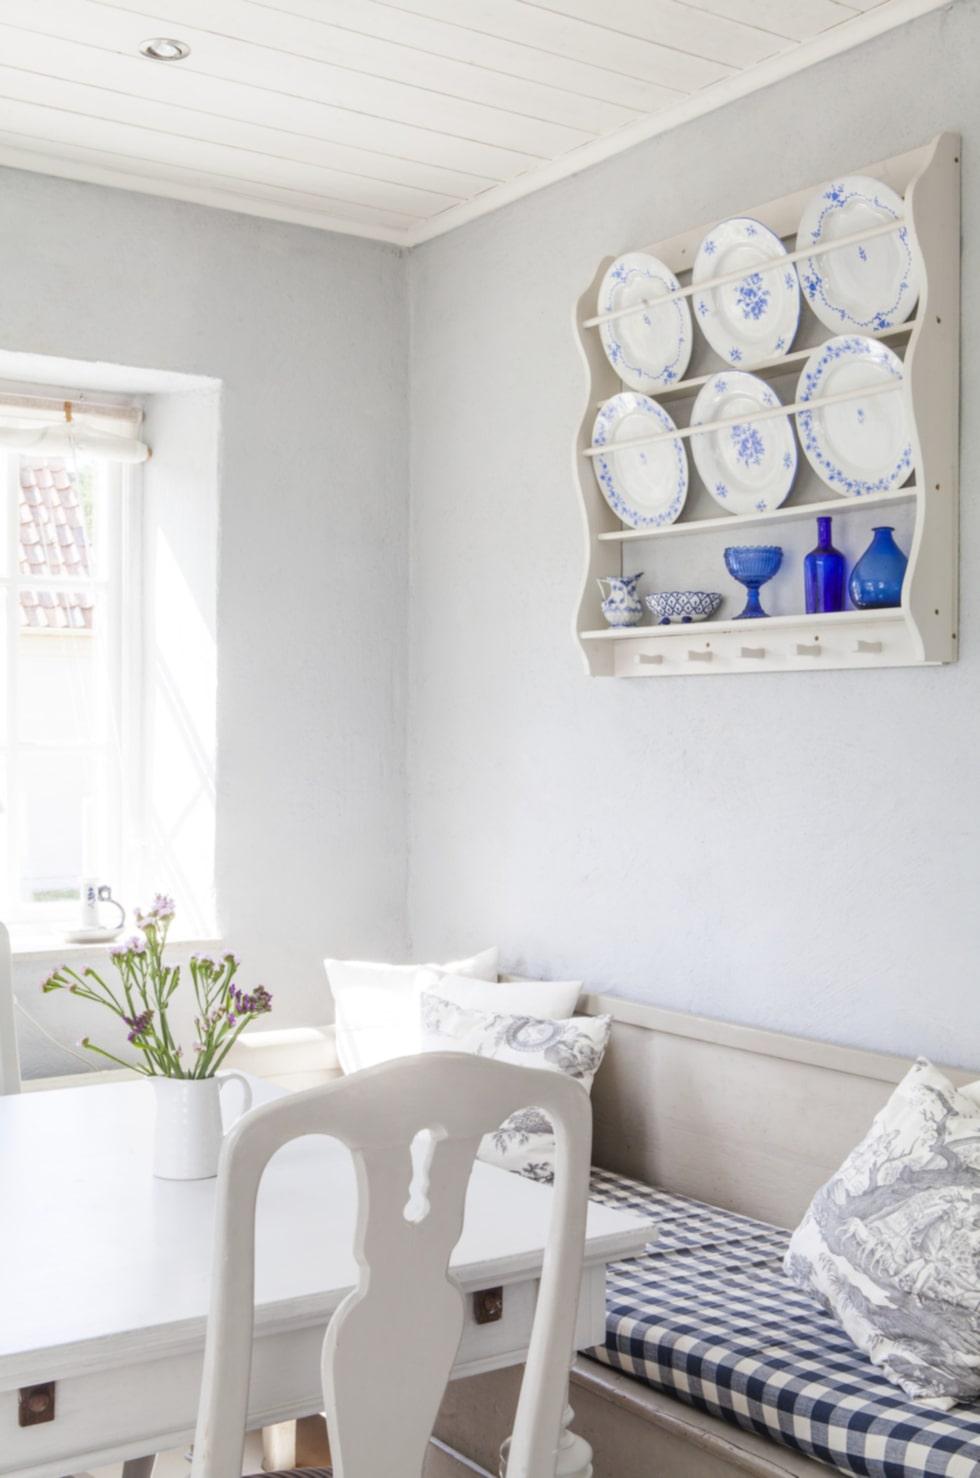 Gammalt porslin i vitt och Matsalsdelen i köket går i gammal stil – stolen kommer från Ikeas 1700-talsserie som inte längre tillverkas. Soffan är klädd med blå-vitt tyg i så kallad Gripsholmsruta.